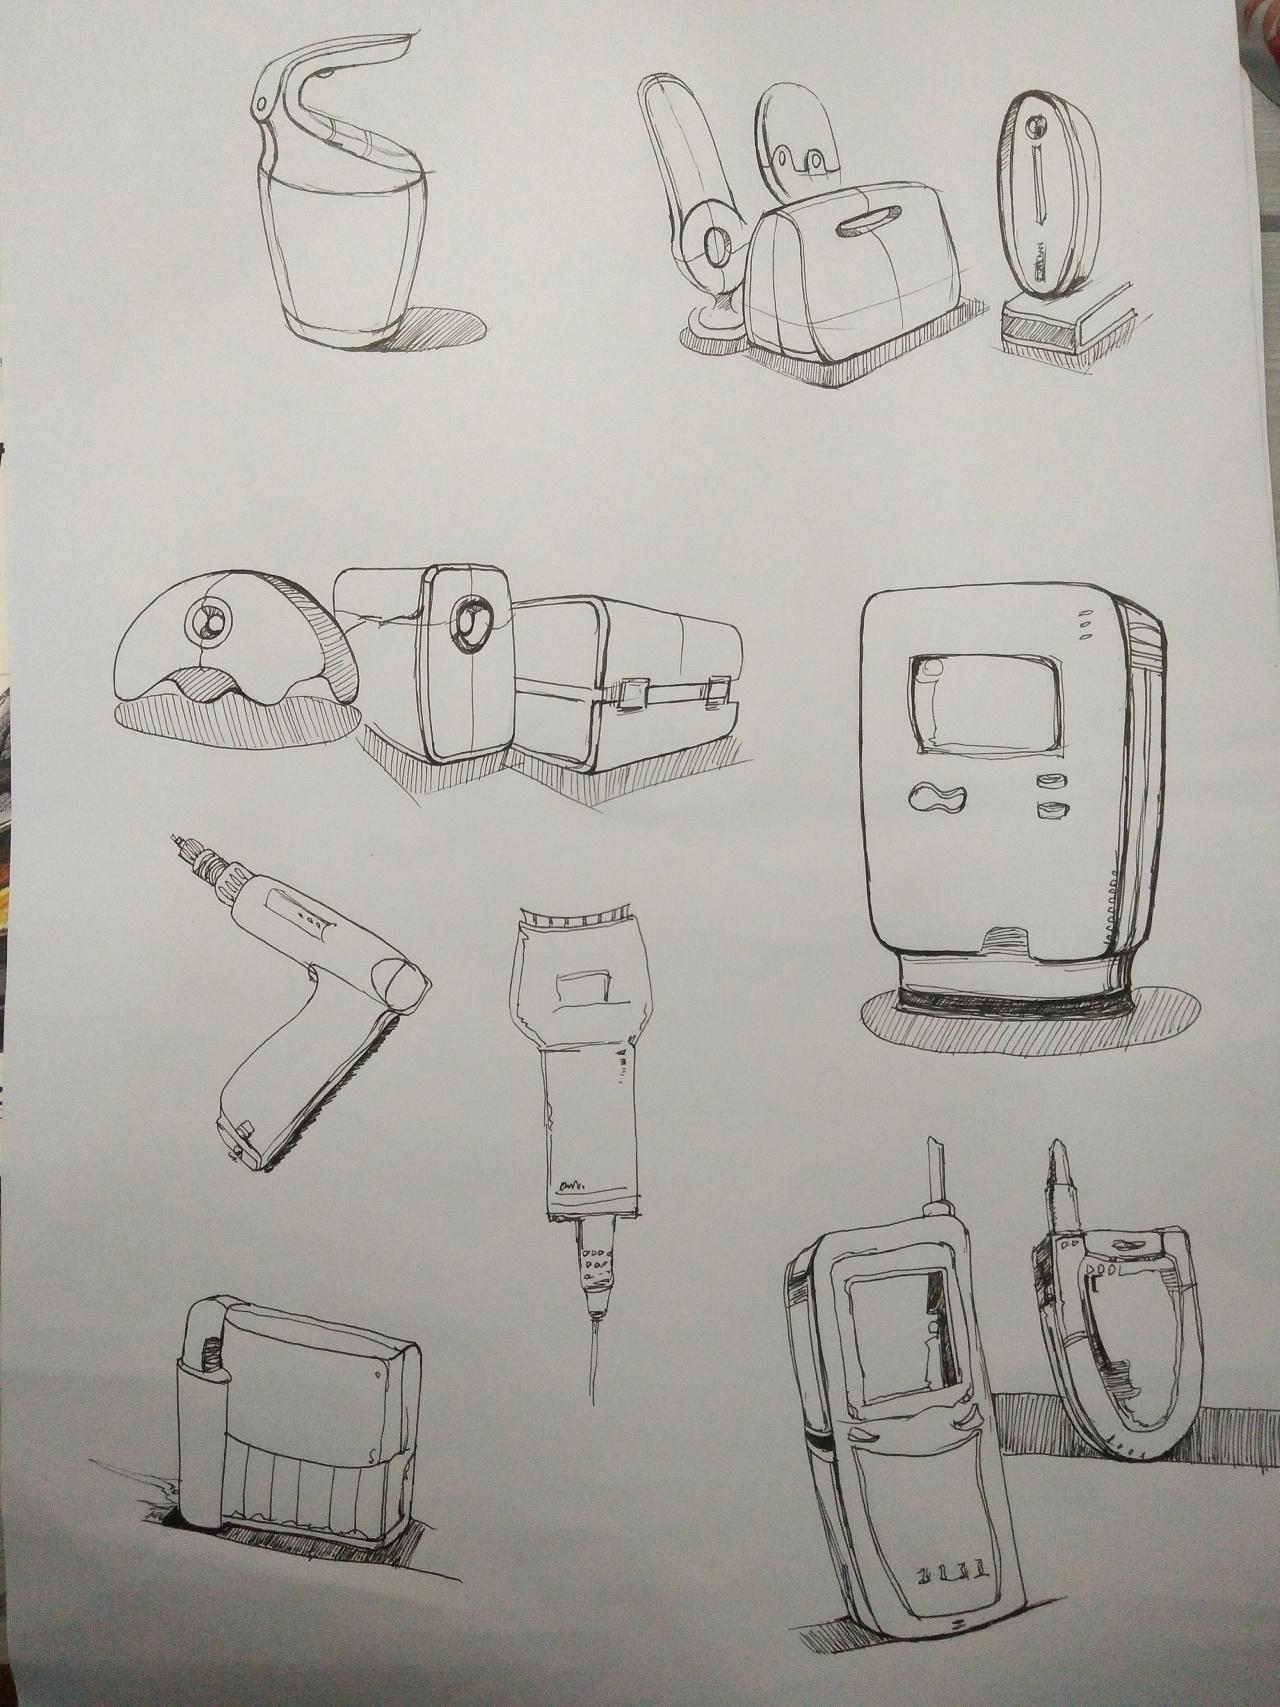 手绘作业|工业/产品|生活用品|彭许 - 原创作品